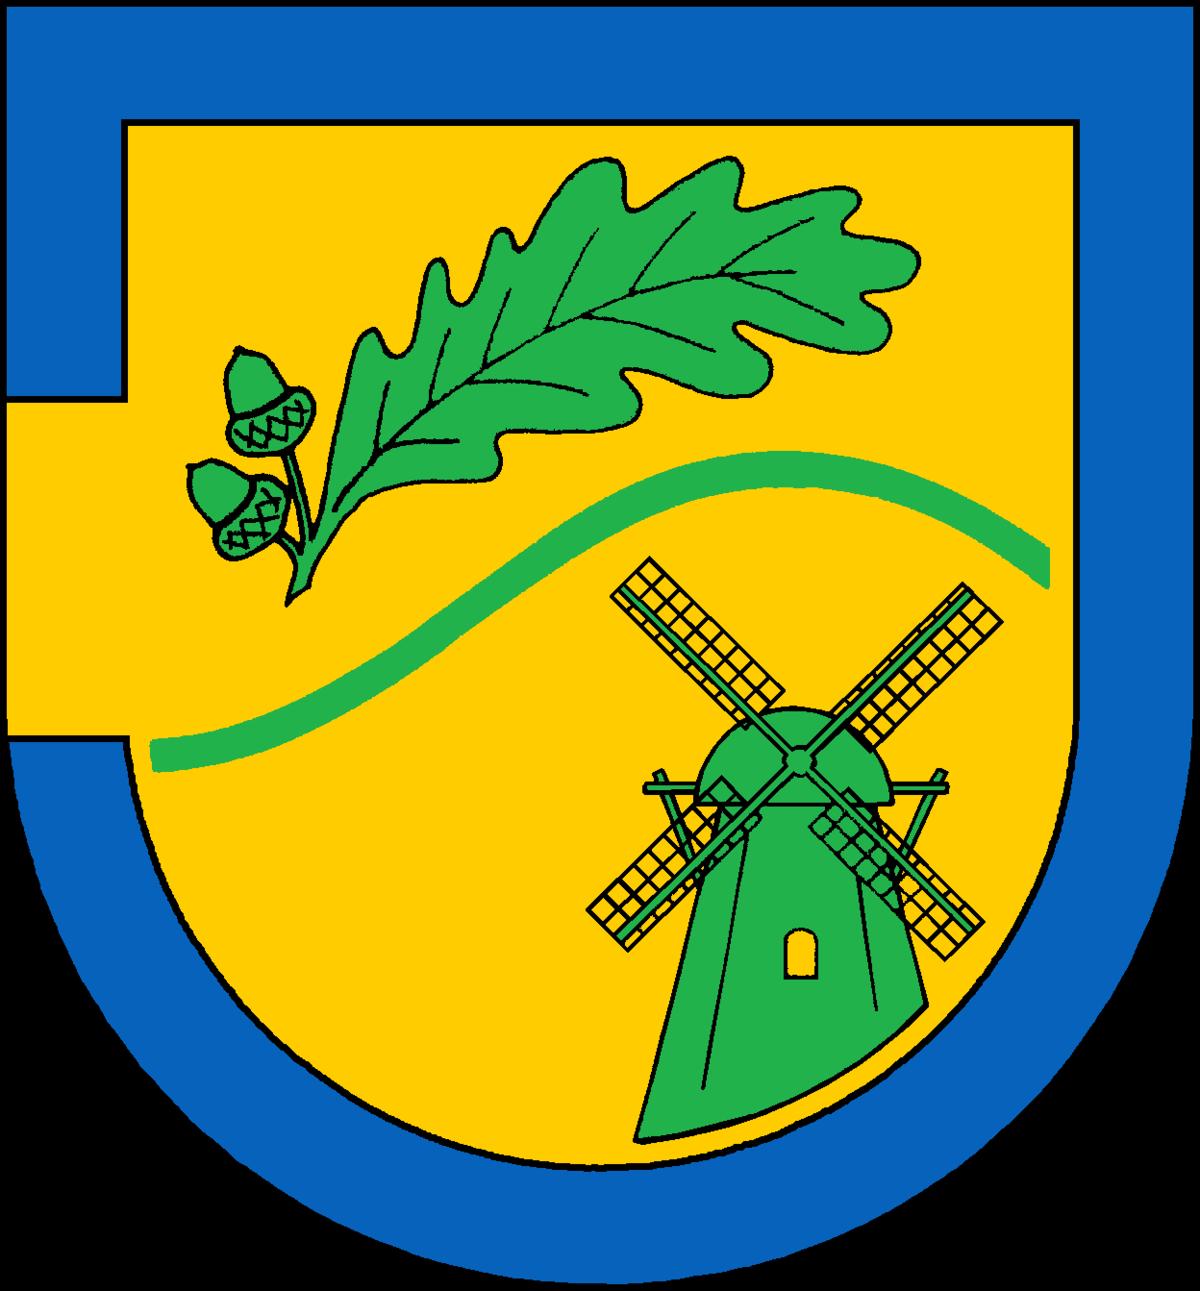 Joldelund